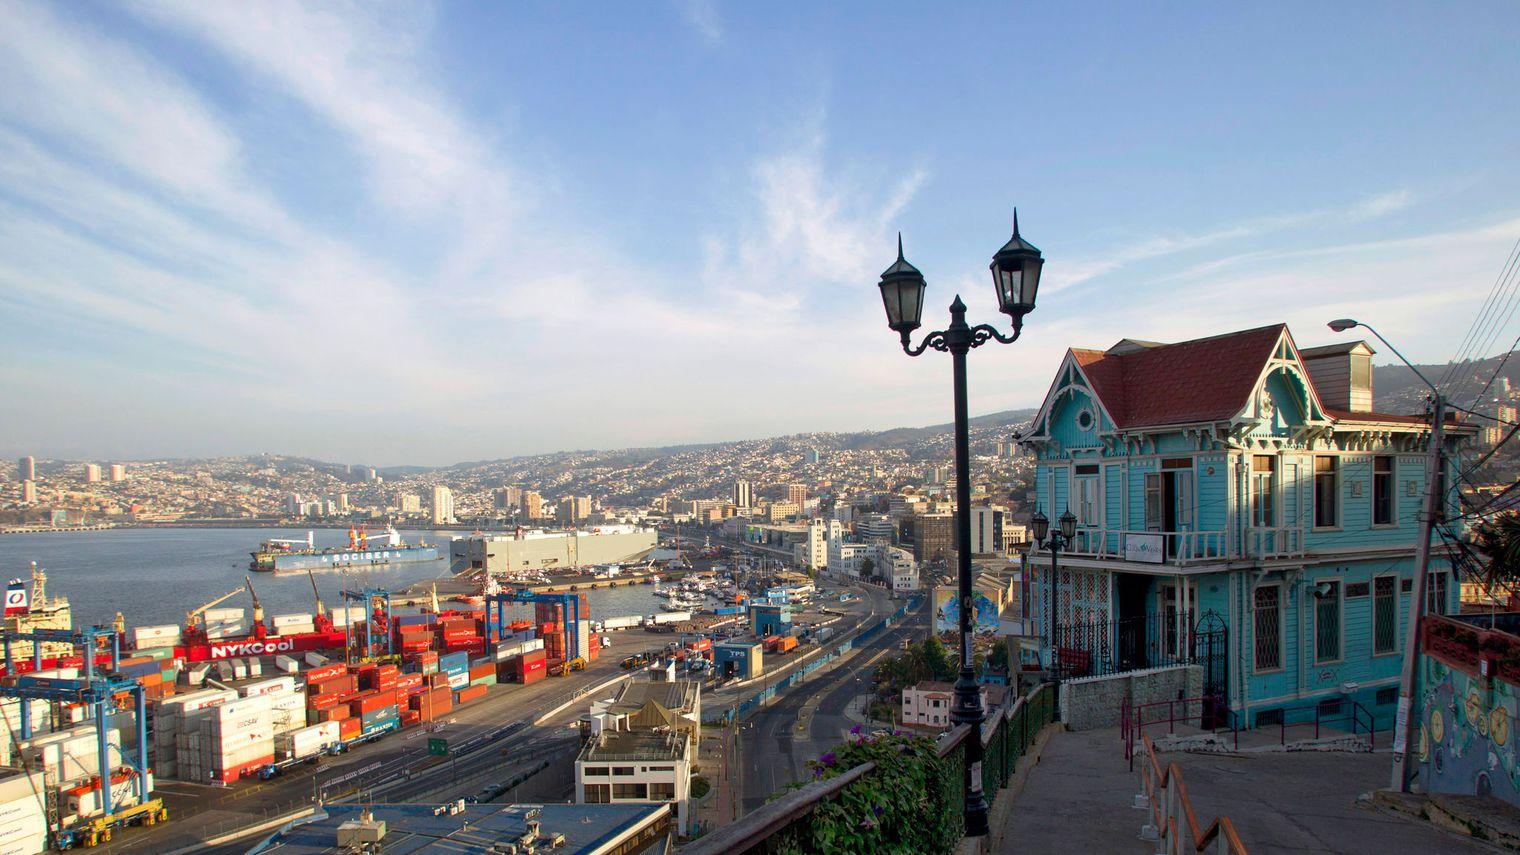 Valparaiso et son port historique